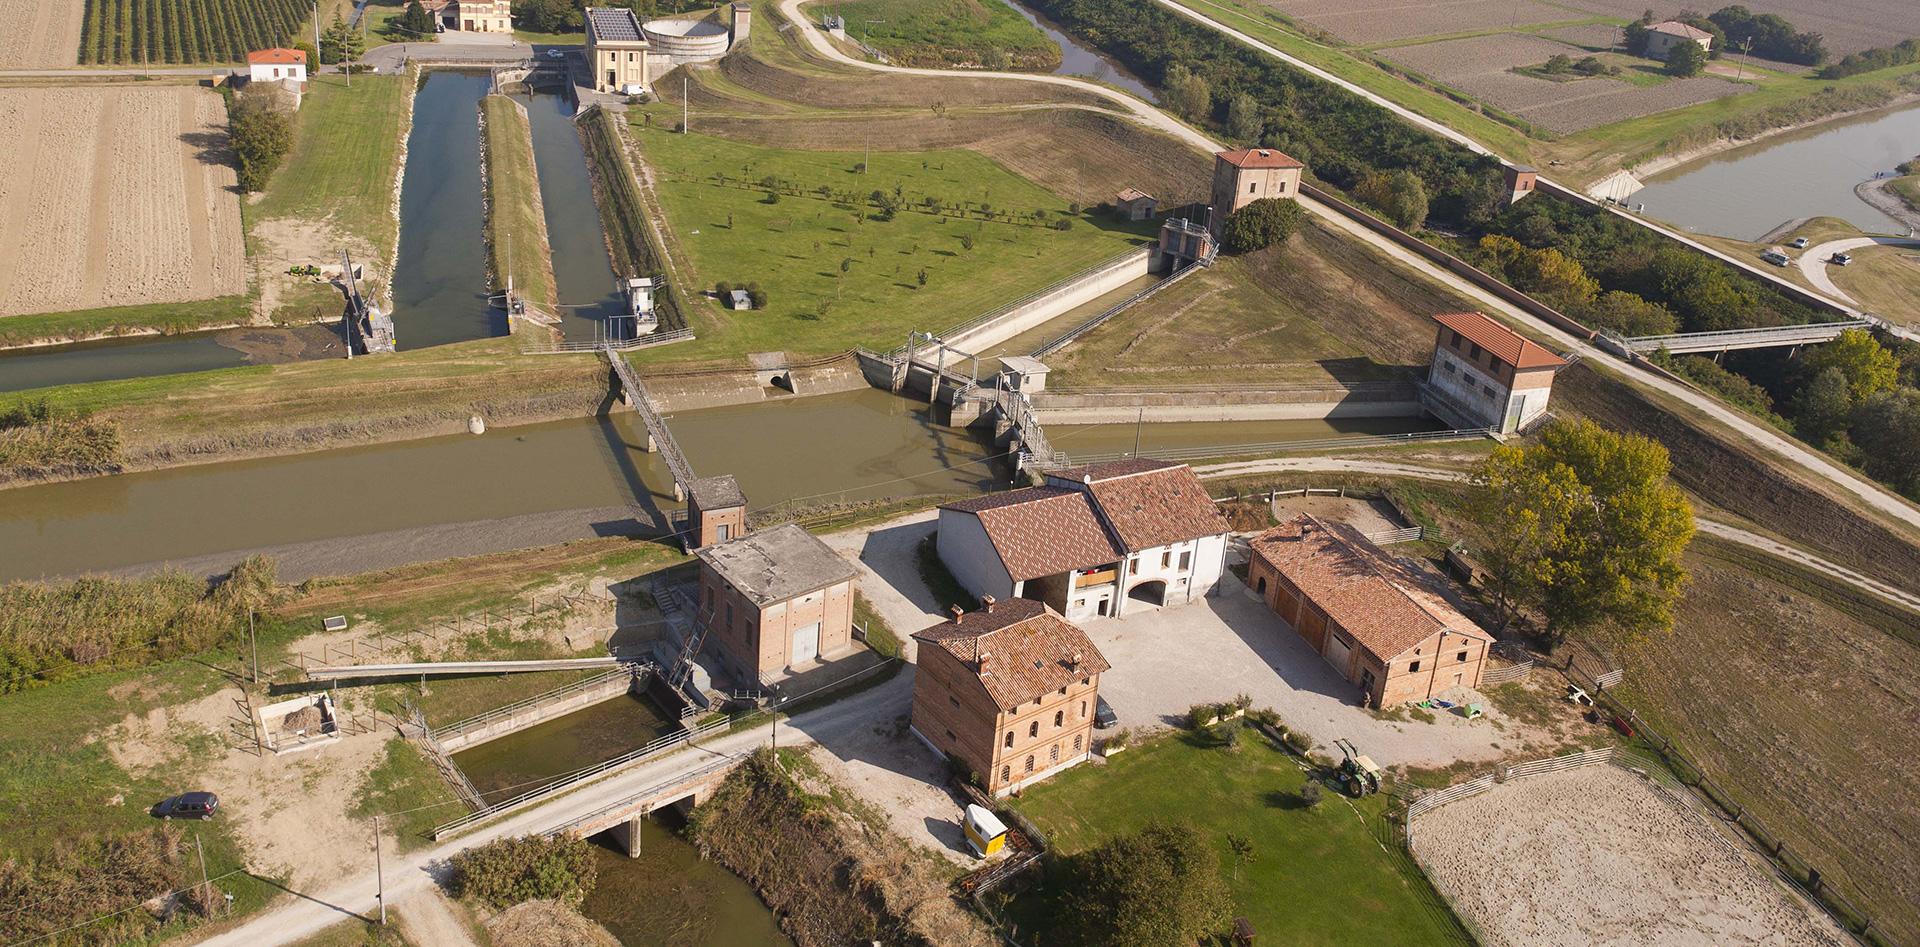 Restauro botte-sifone Bentivoglio a Gualtieri, Binini Partners, Società di architettura e ingegneria